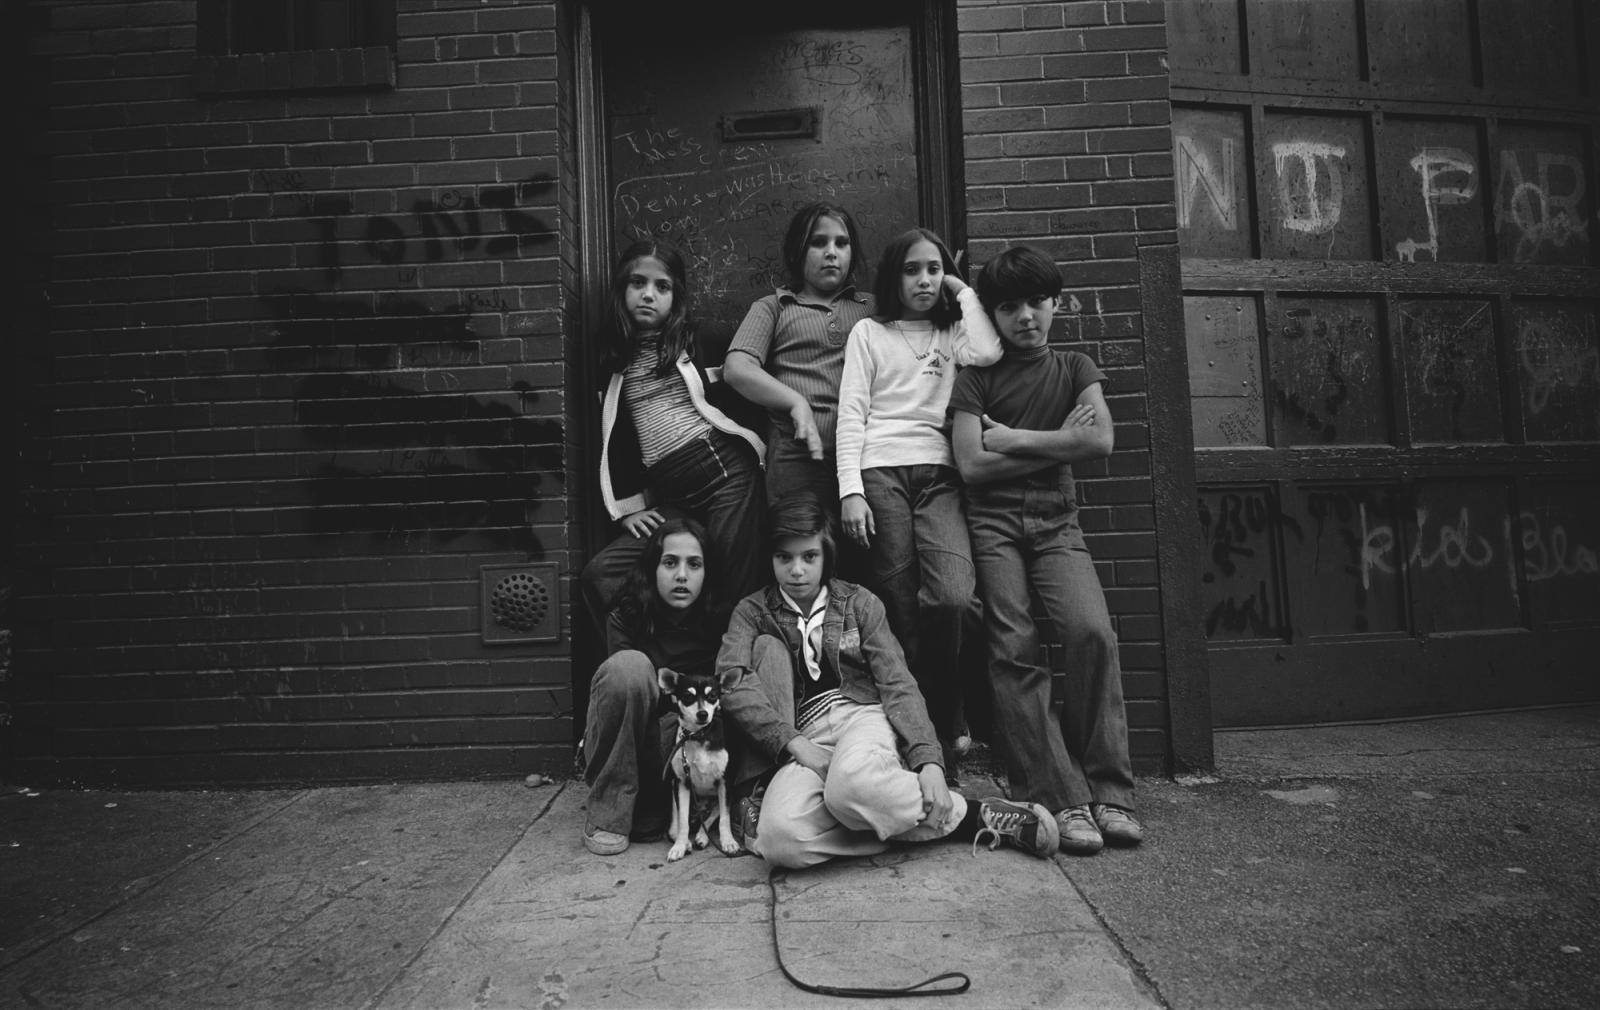 Photography image - Loading 1975-13-10-08.jpeg